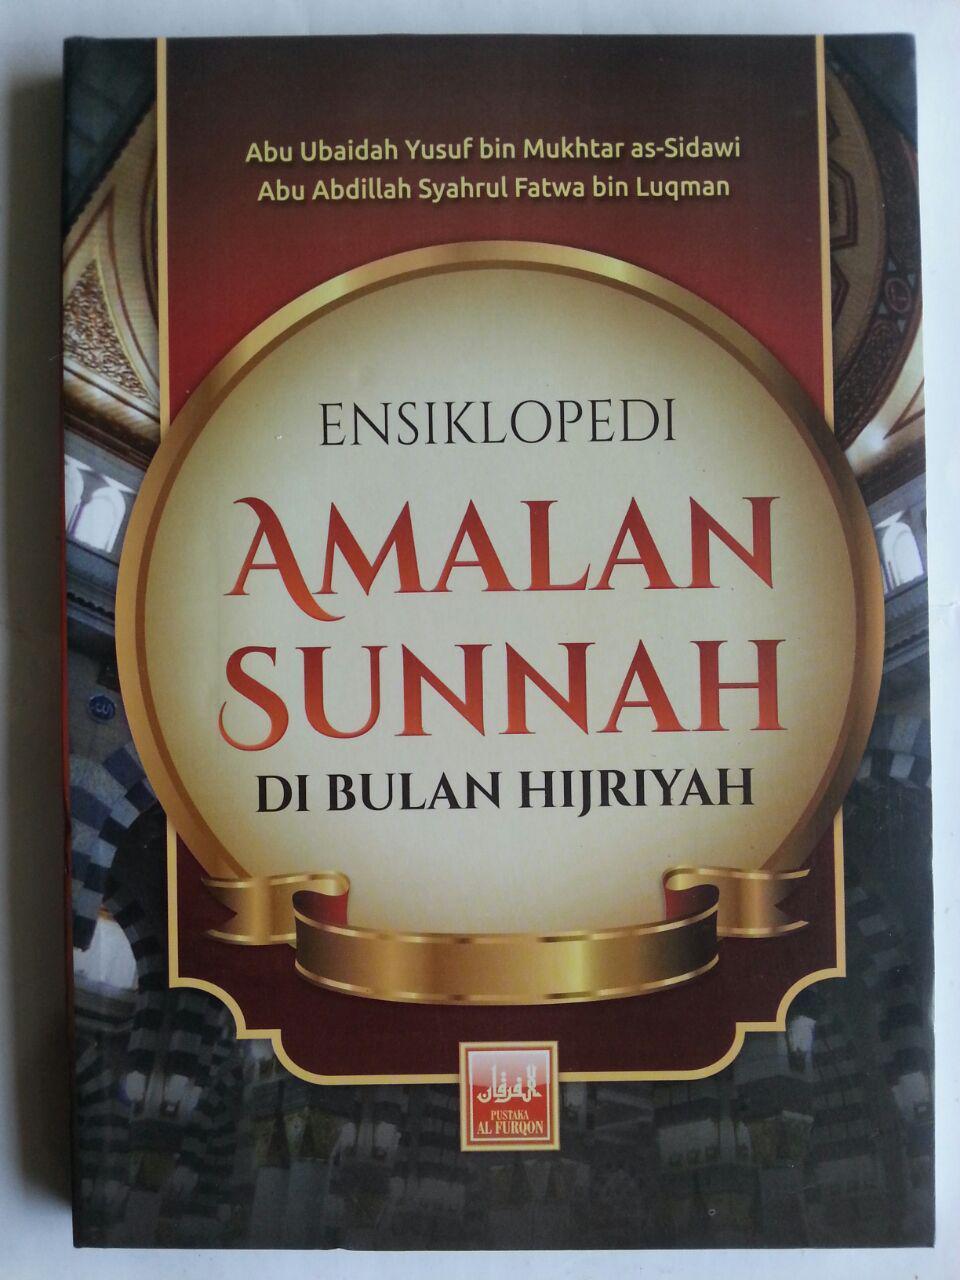 Buku Ensiklopedi Amalan Sunnah Di Bulan Hijriah cover 2